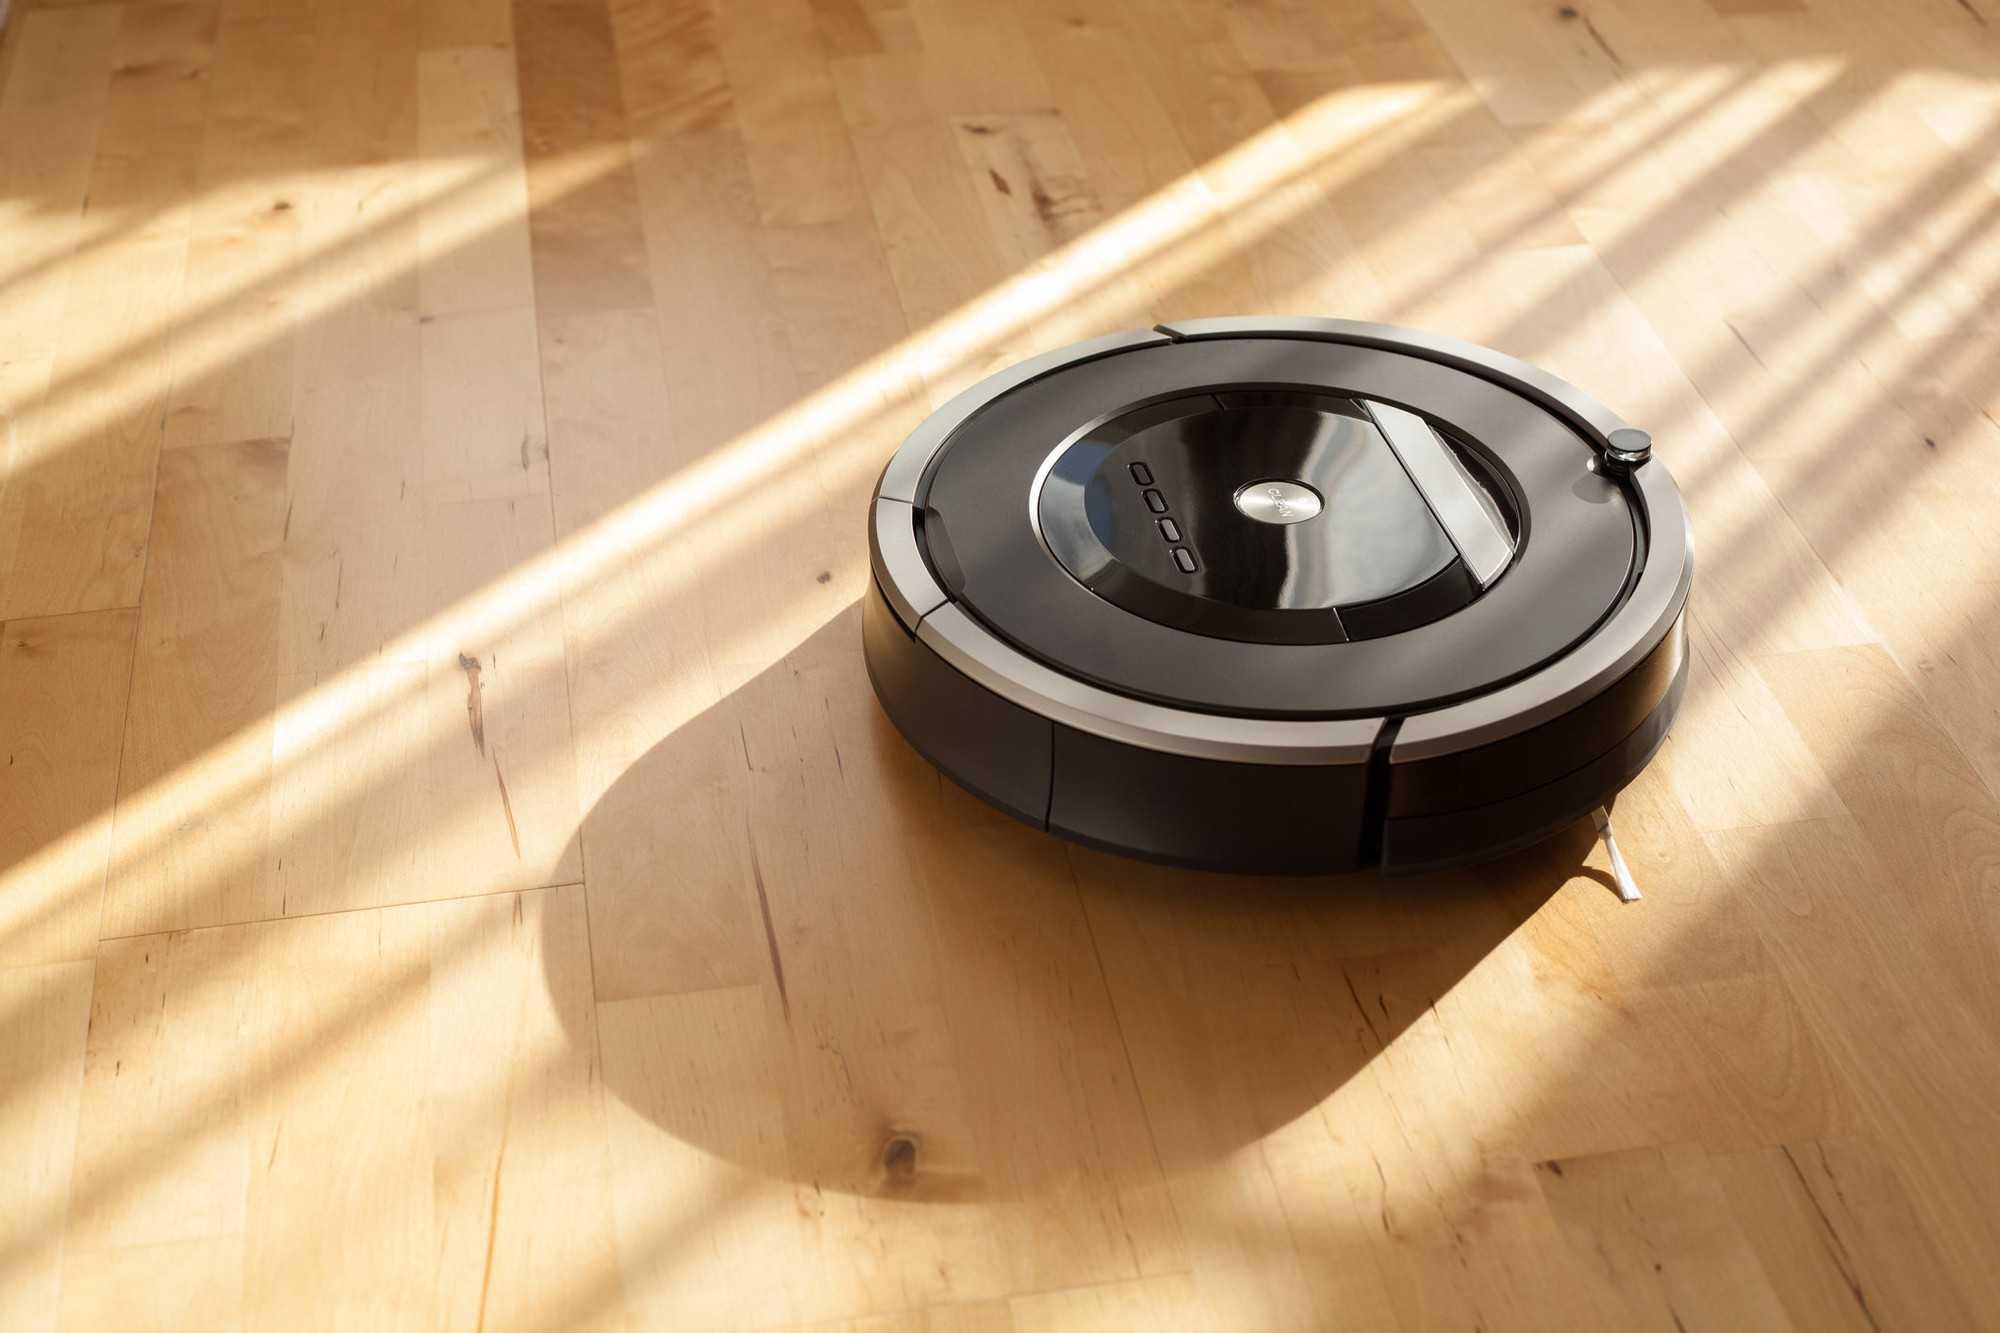 Робот-пылесос – бытовые устройства оснащенные искусственным интеллектом для упрощения процесса уборки Как и обычные аналоги данные аппараты всасывают пыль шерсть